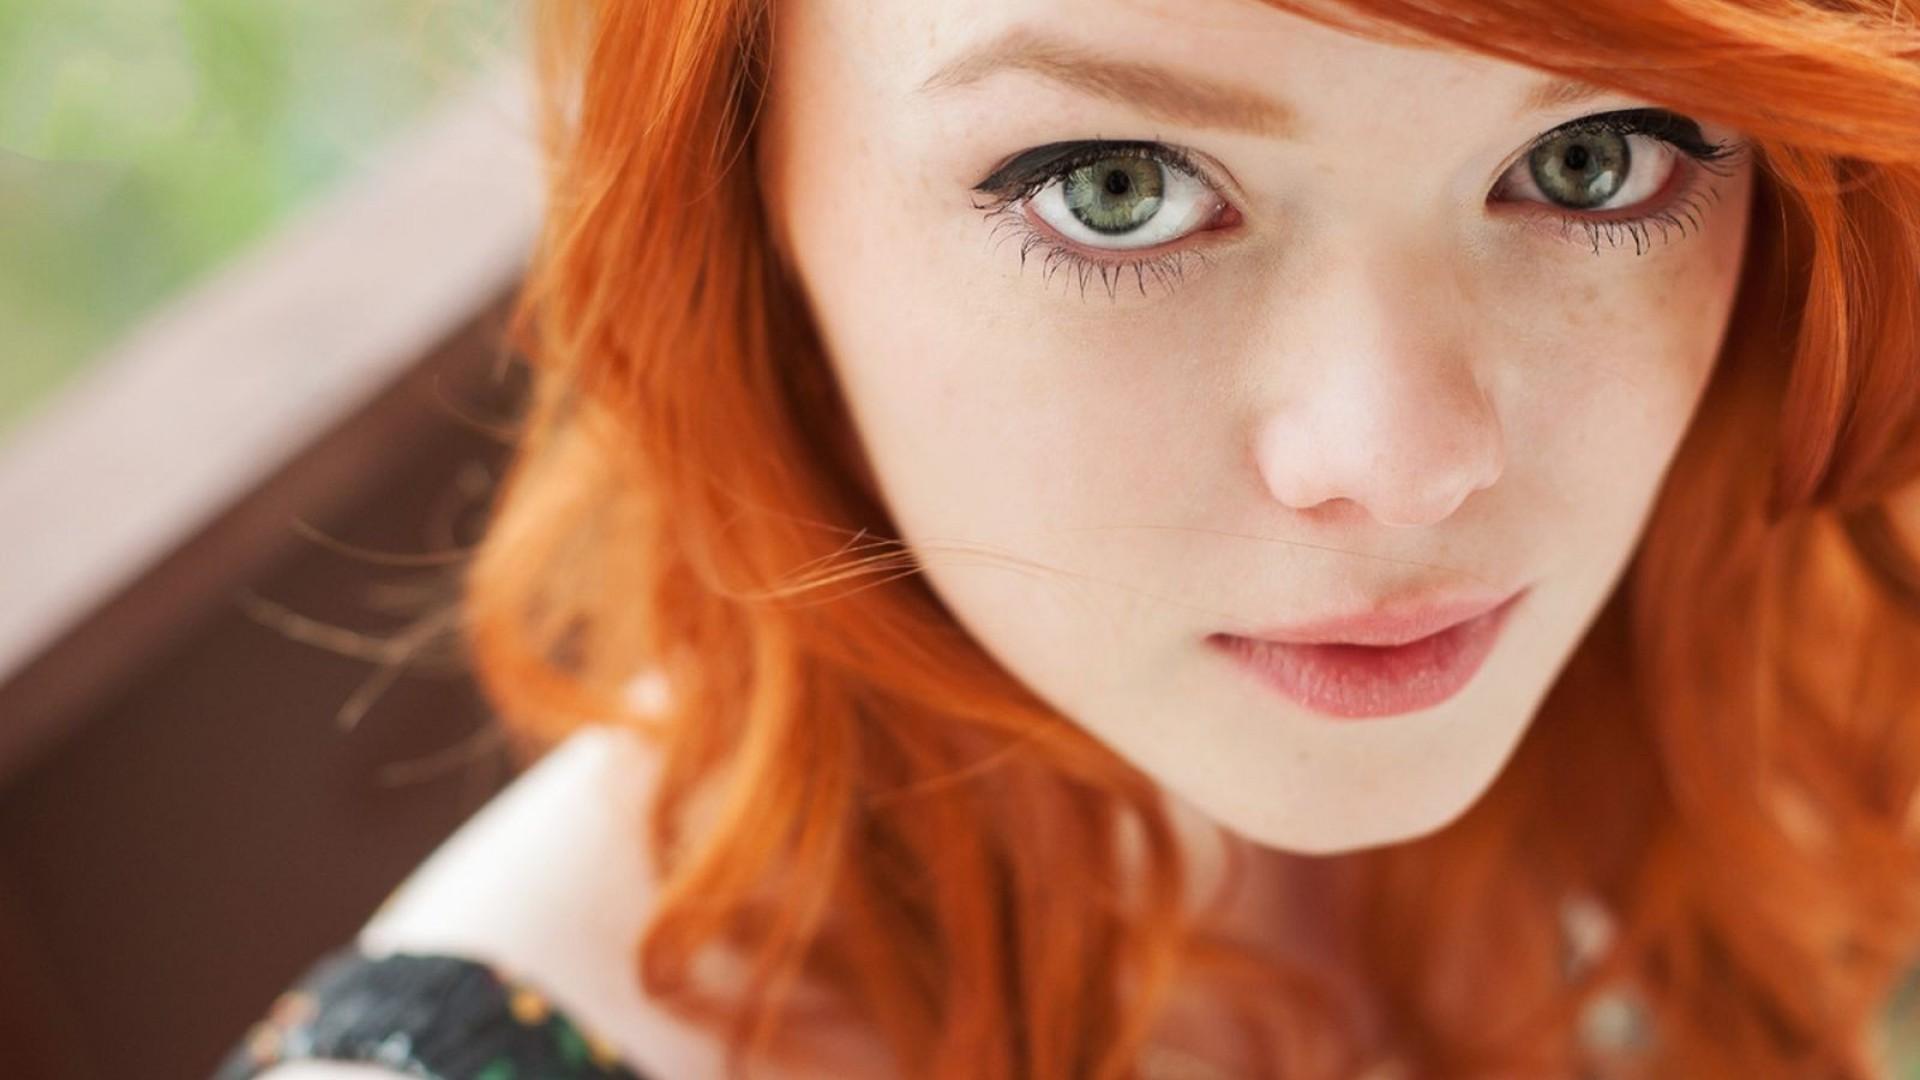 Boners redhead twenty-two female lady